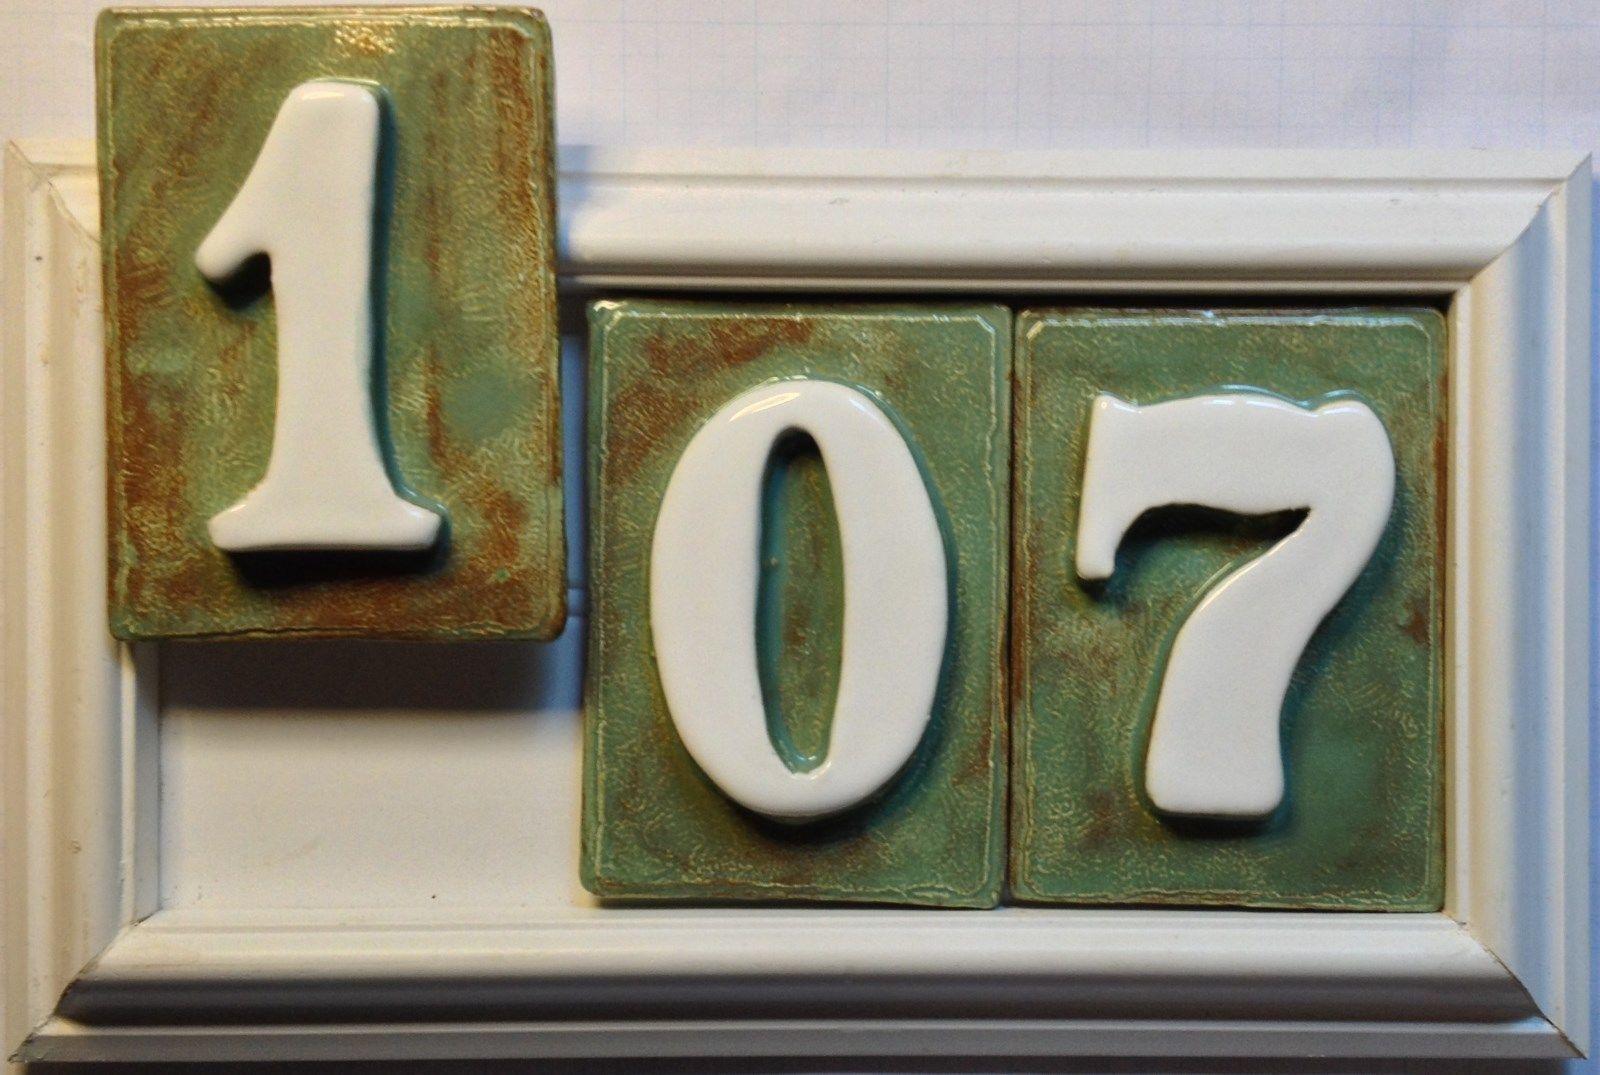 house address number plaque pvc weatherproof frame 3 number model plaques signs. Black Bedroom Furniture Sets. Home Design Ideas